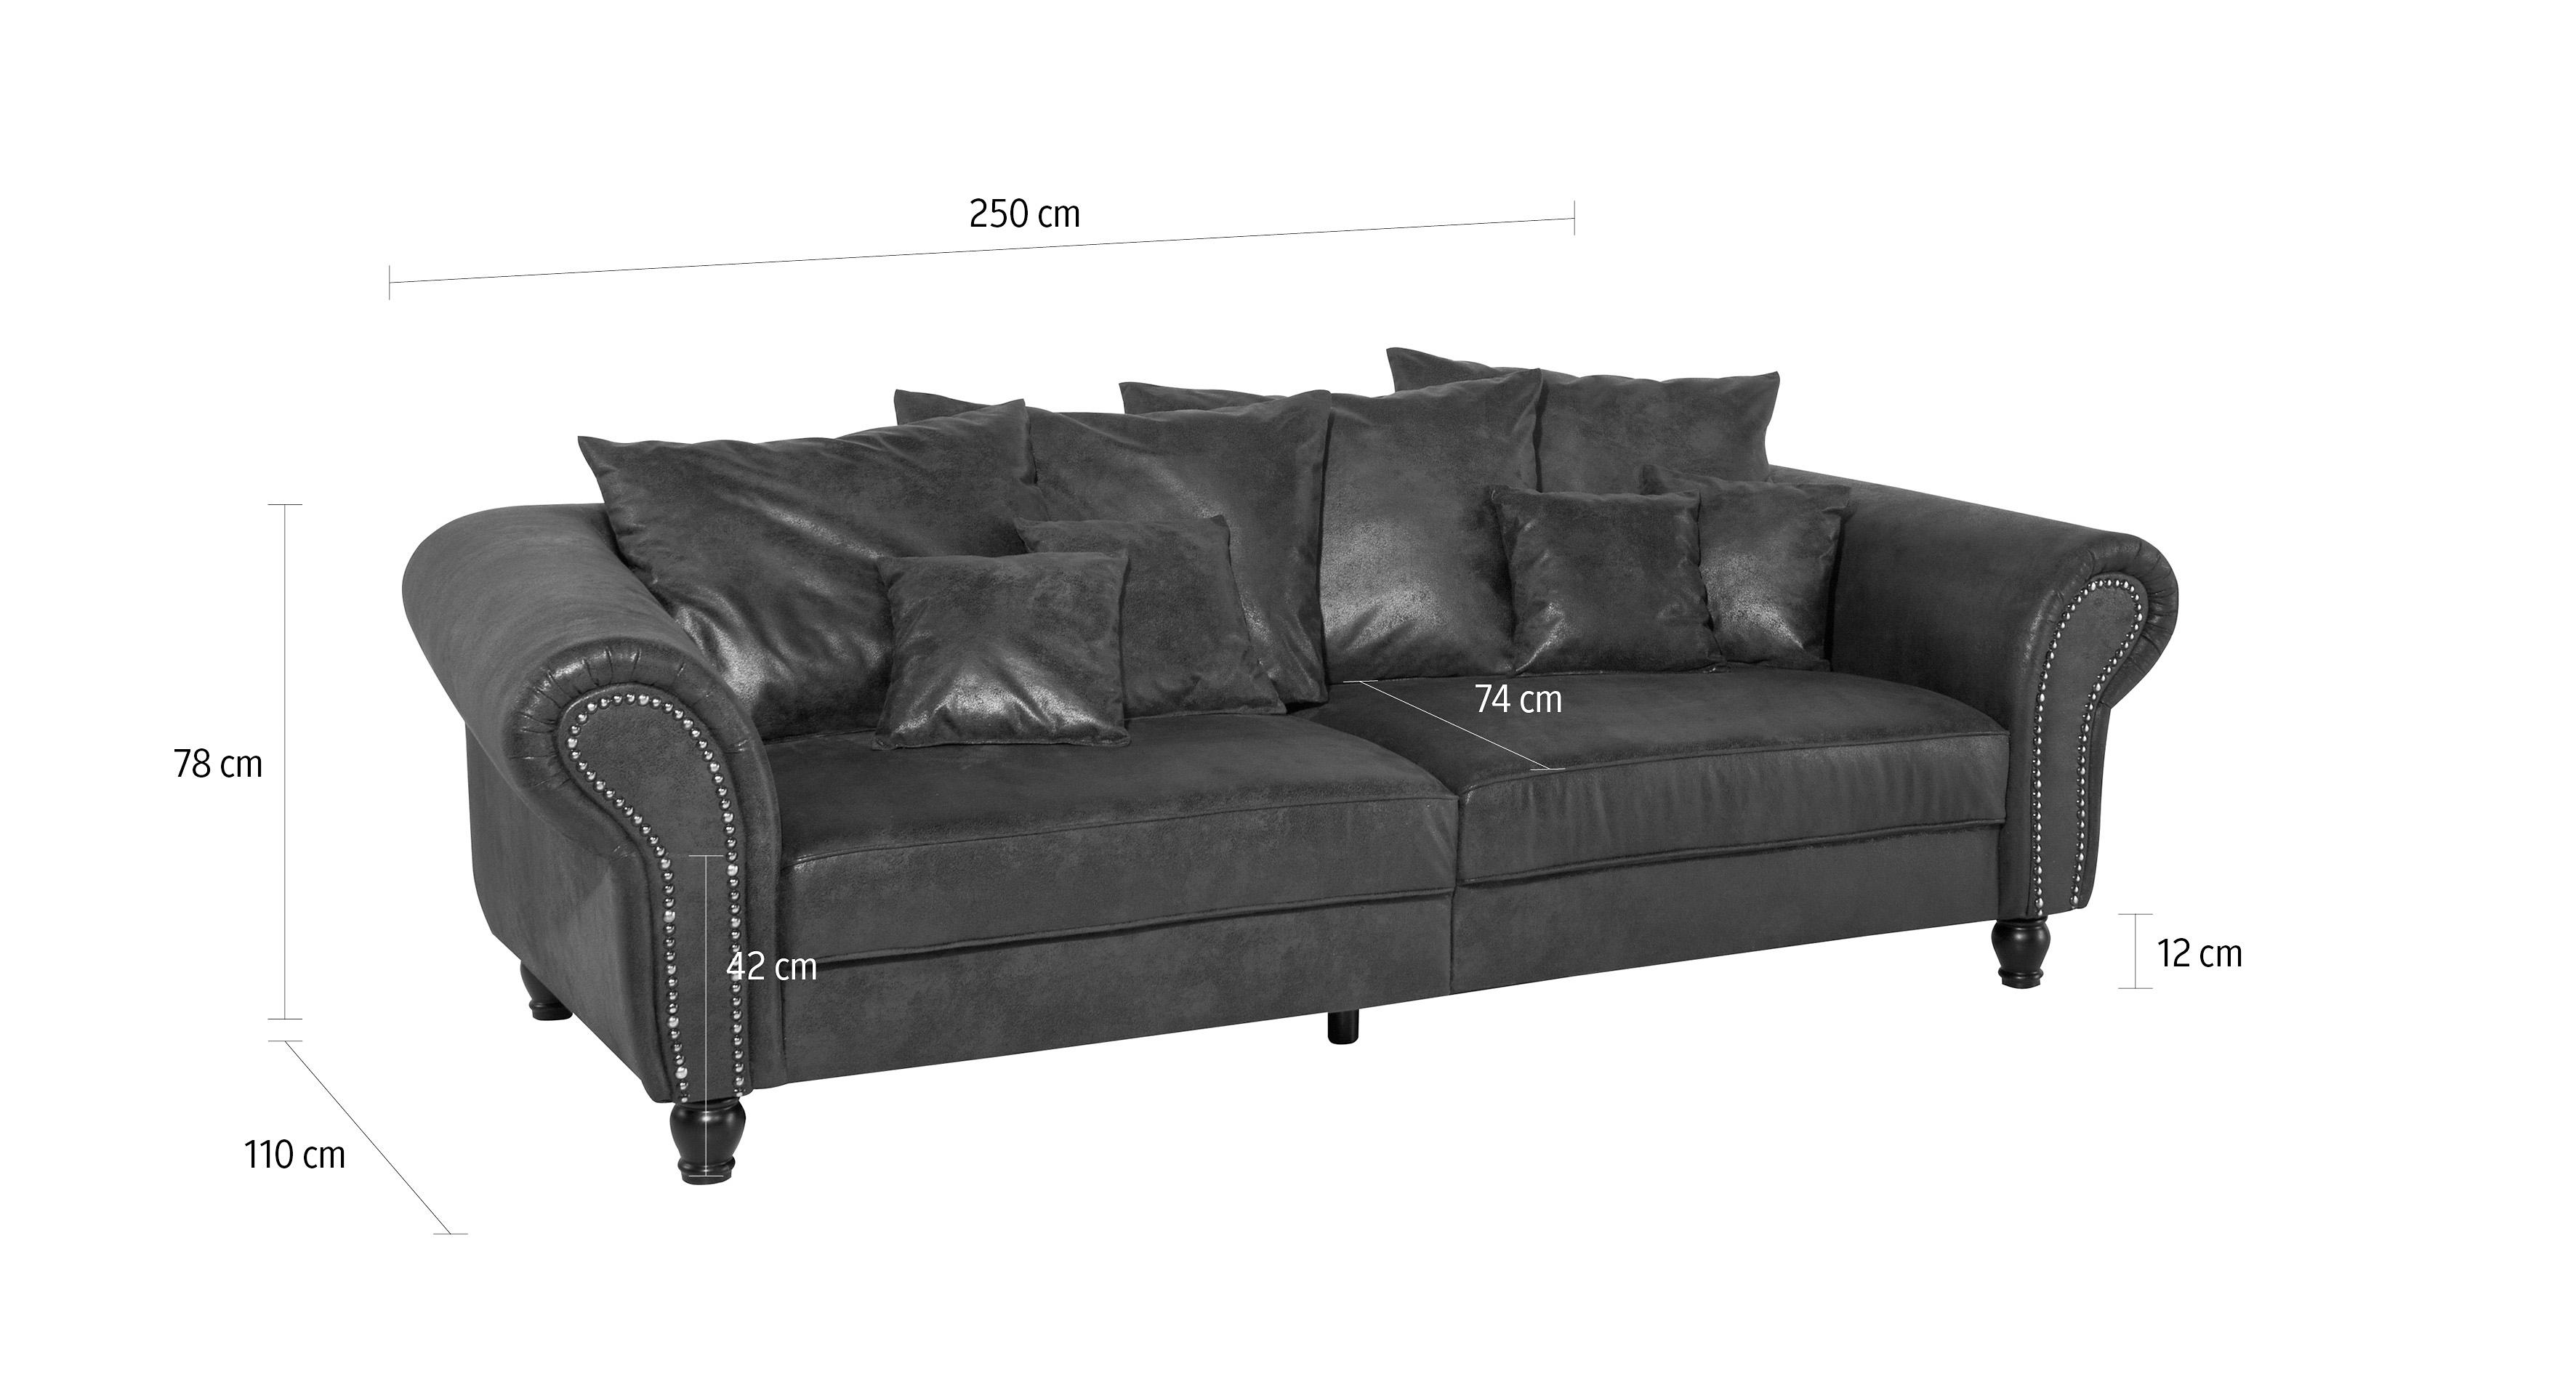 home affaire megabank bigby online bestellen otto. Black Bedroom Furniture Sets. Home Design Ideas